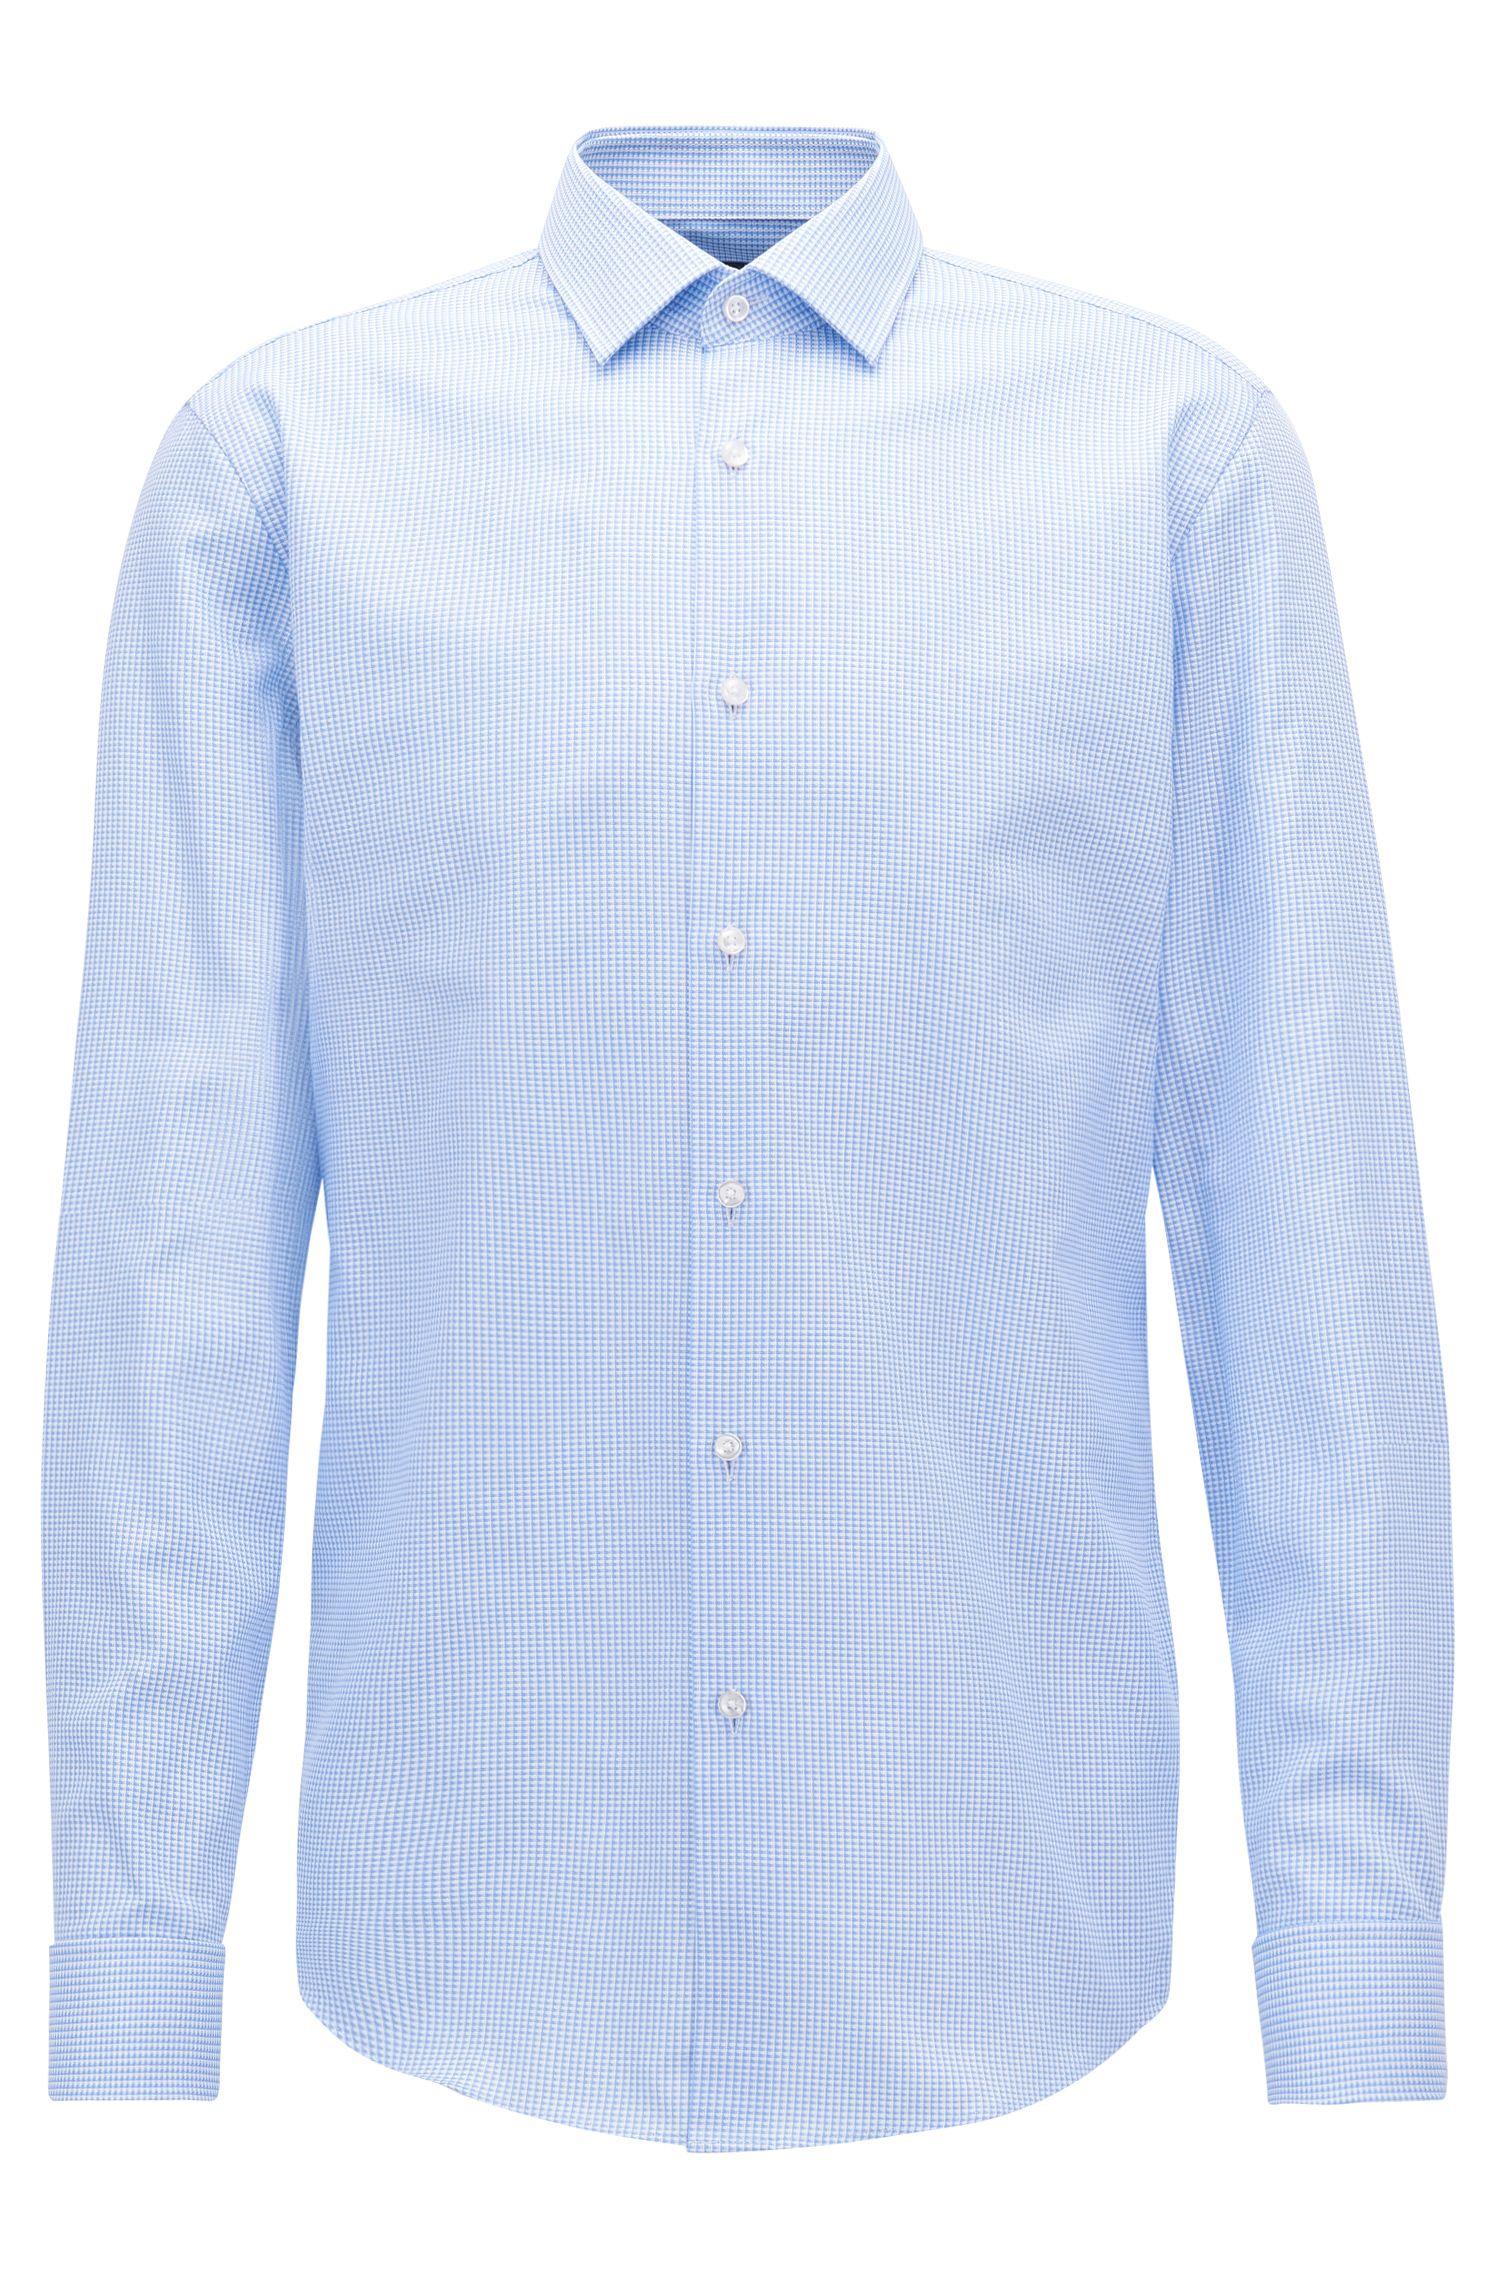 Chemise Slim Fit en coton, à poignets mousquetaires